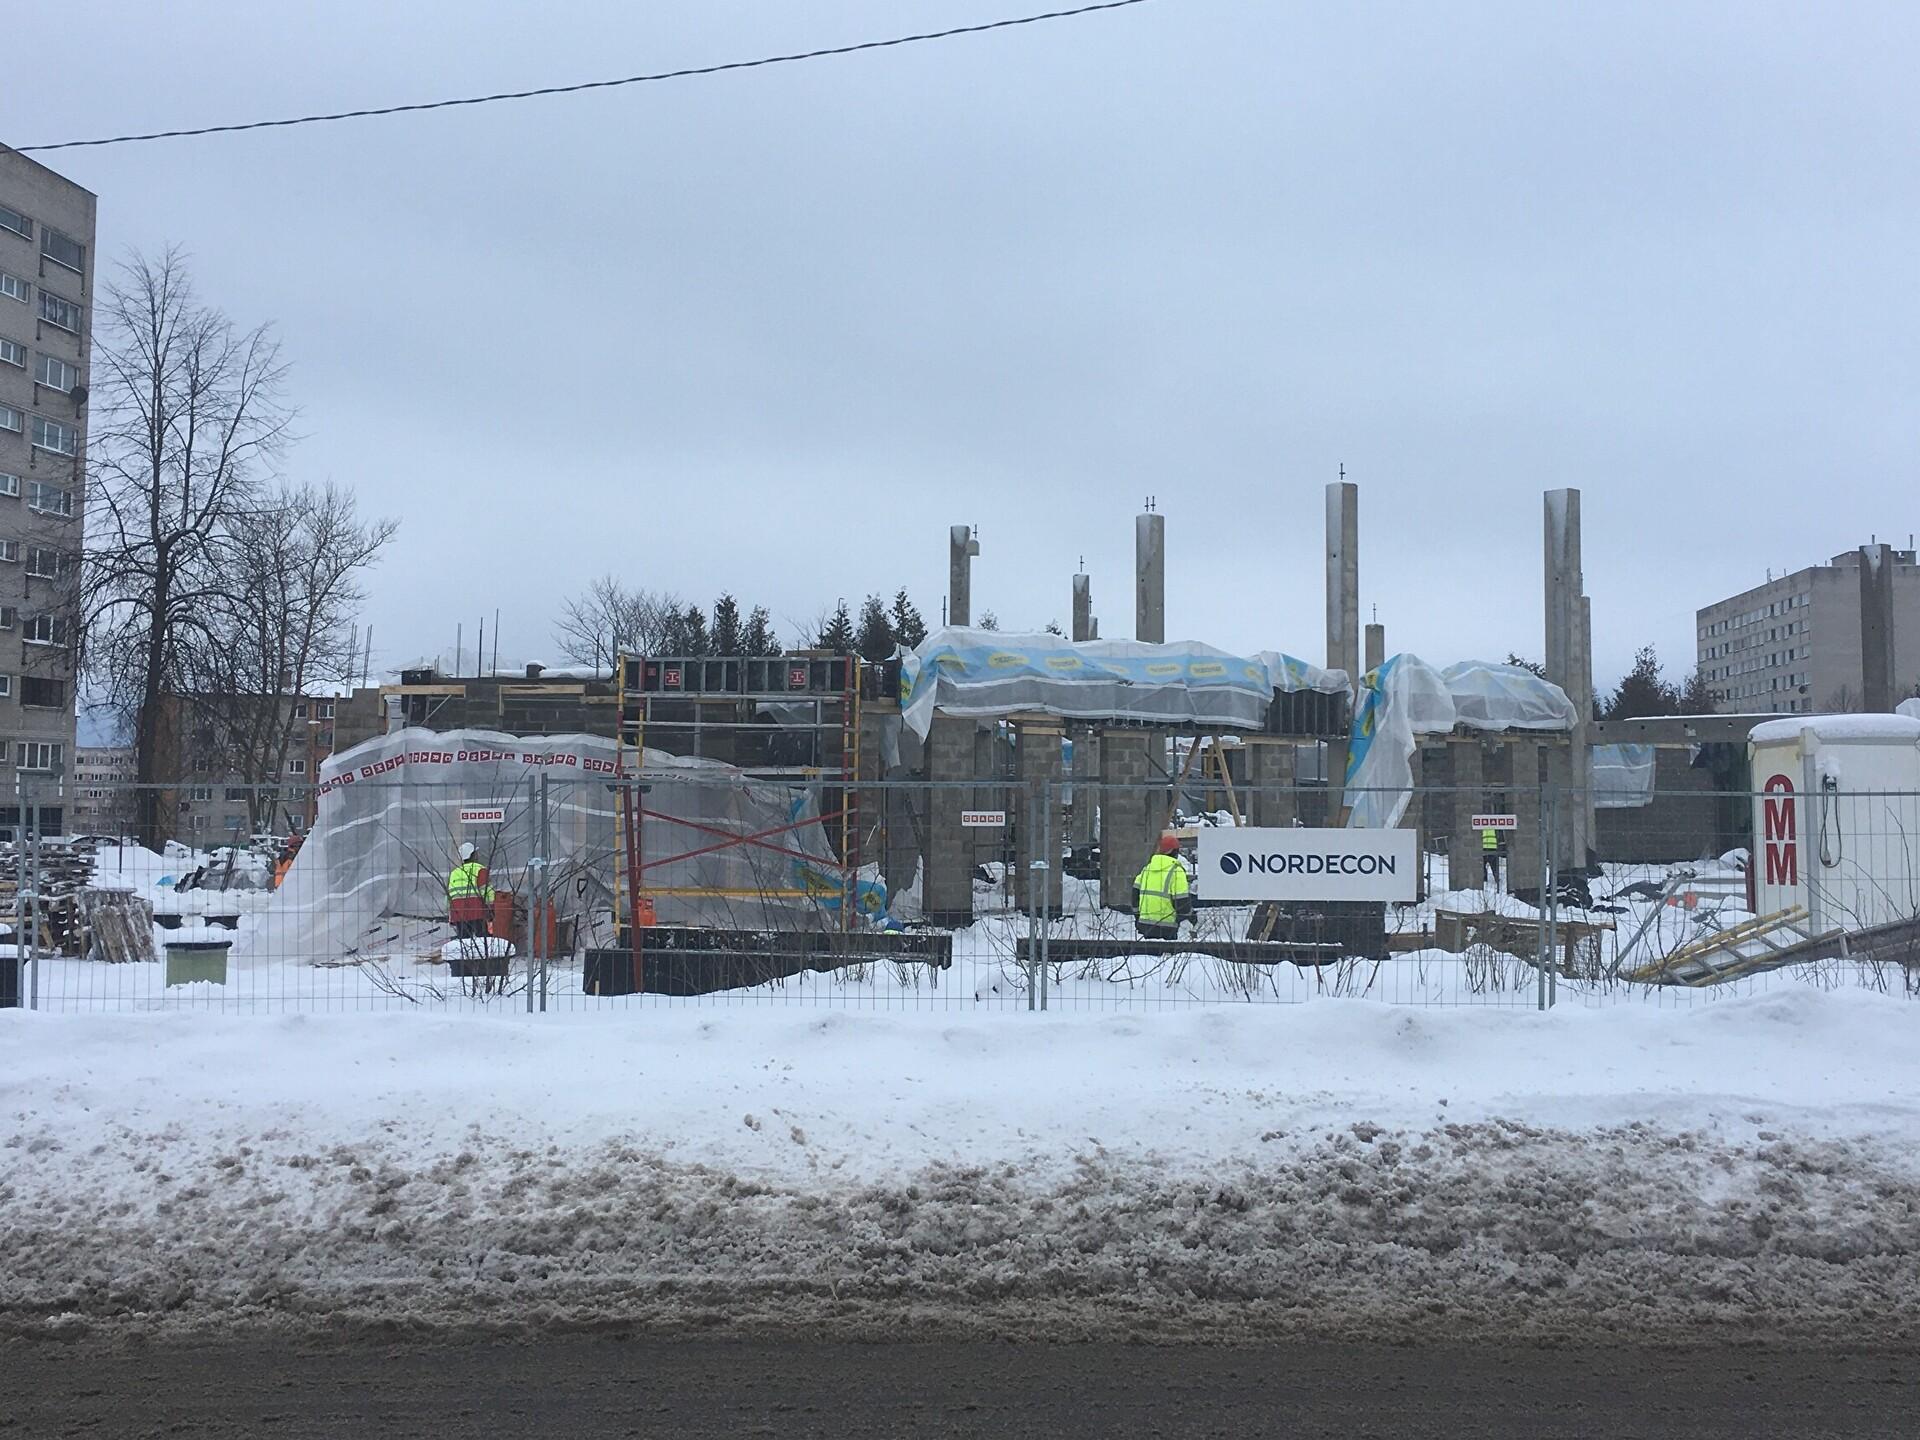 9ab6944a80a Kohtla-Järve riigigümnaasiumi töörühma pole veel tehtud | Eesti | ERR